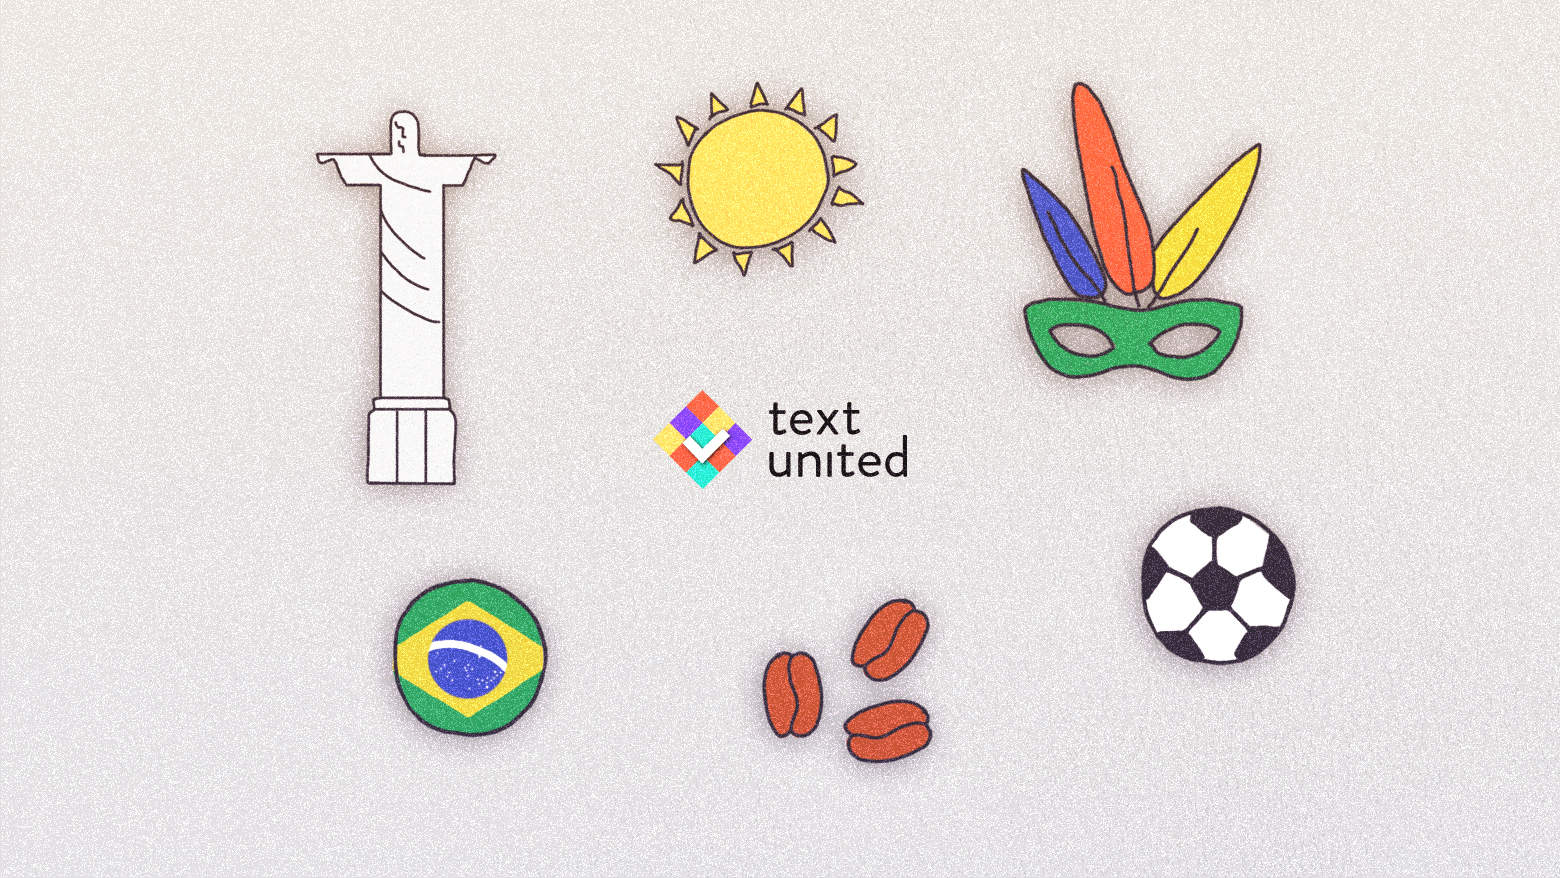 localization.brazil